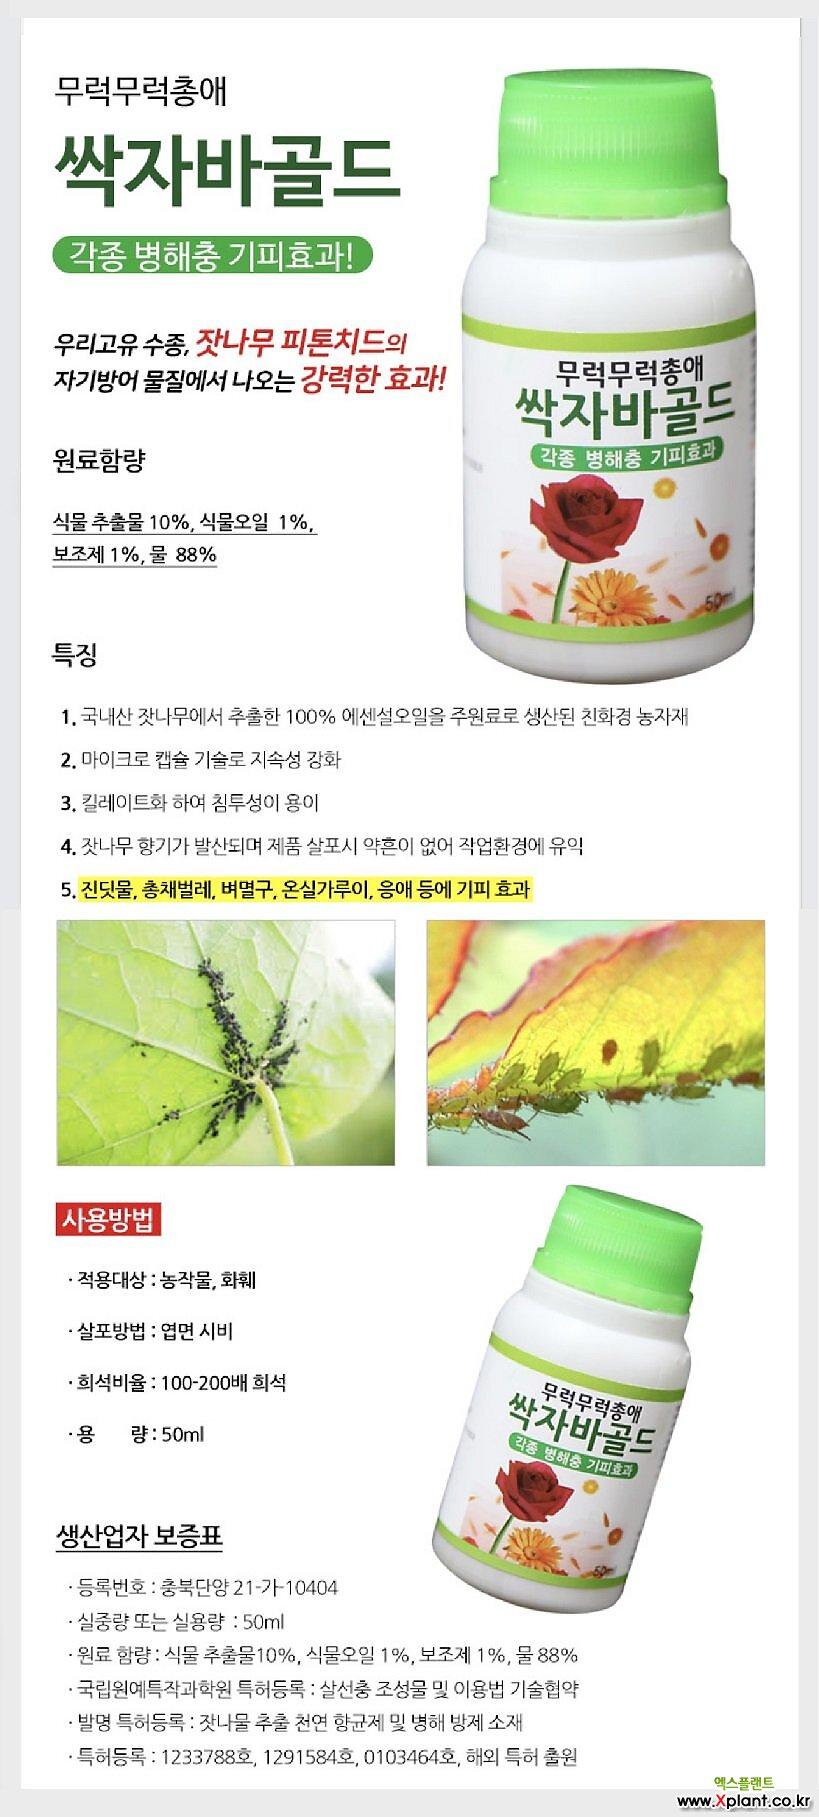 식물보호관리제/병충해기피/원예자재/행복한꽃그릇